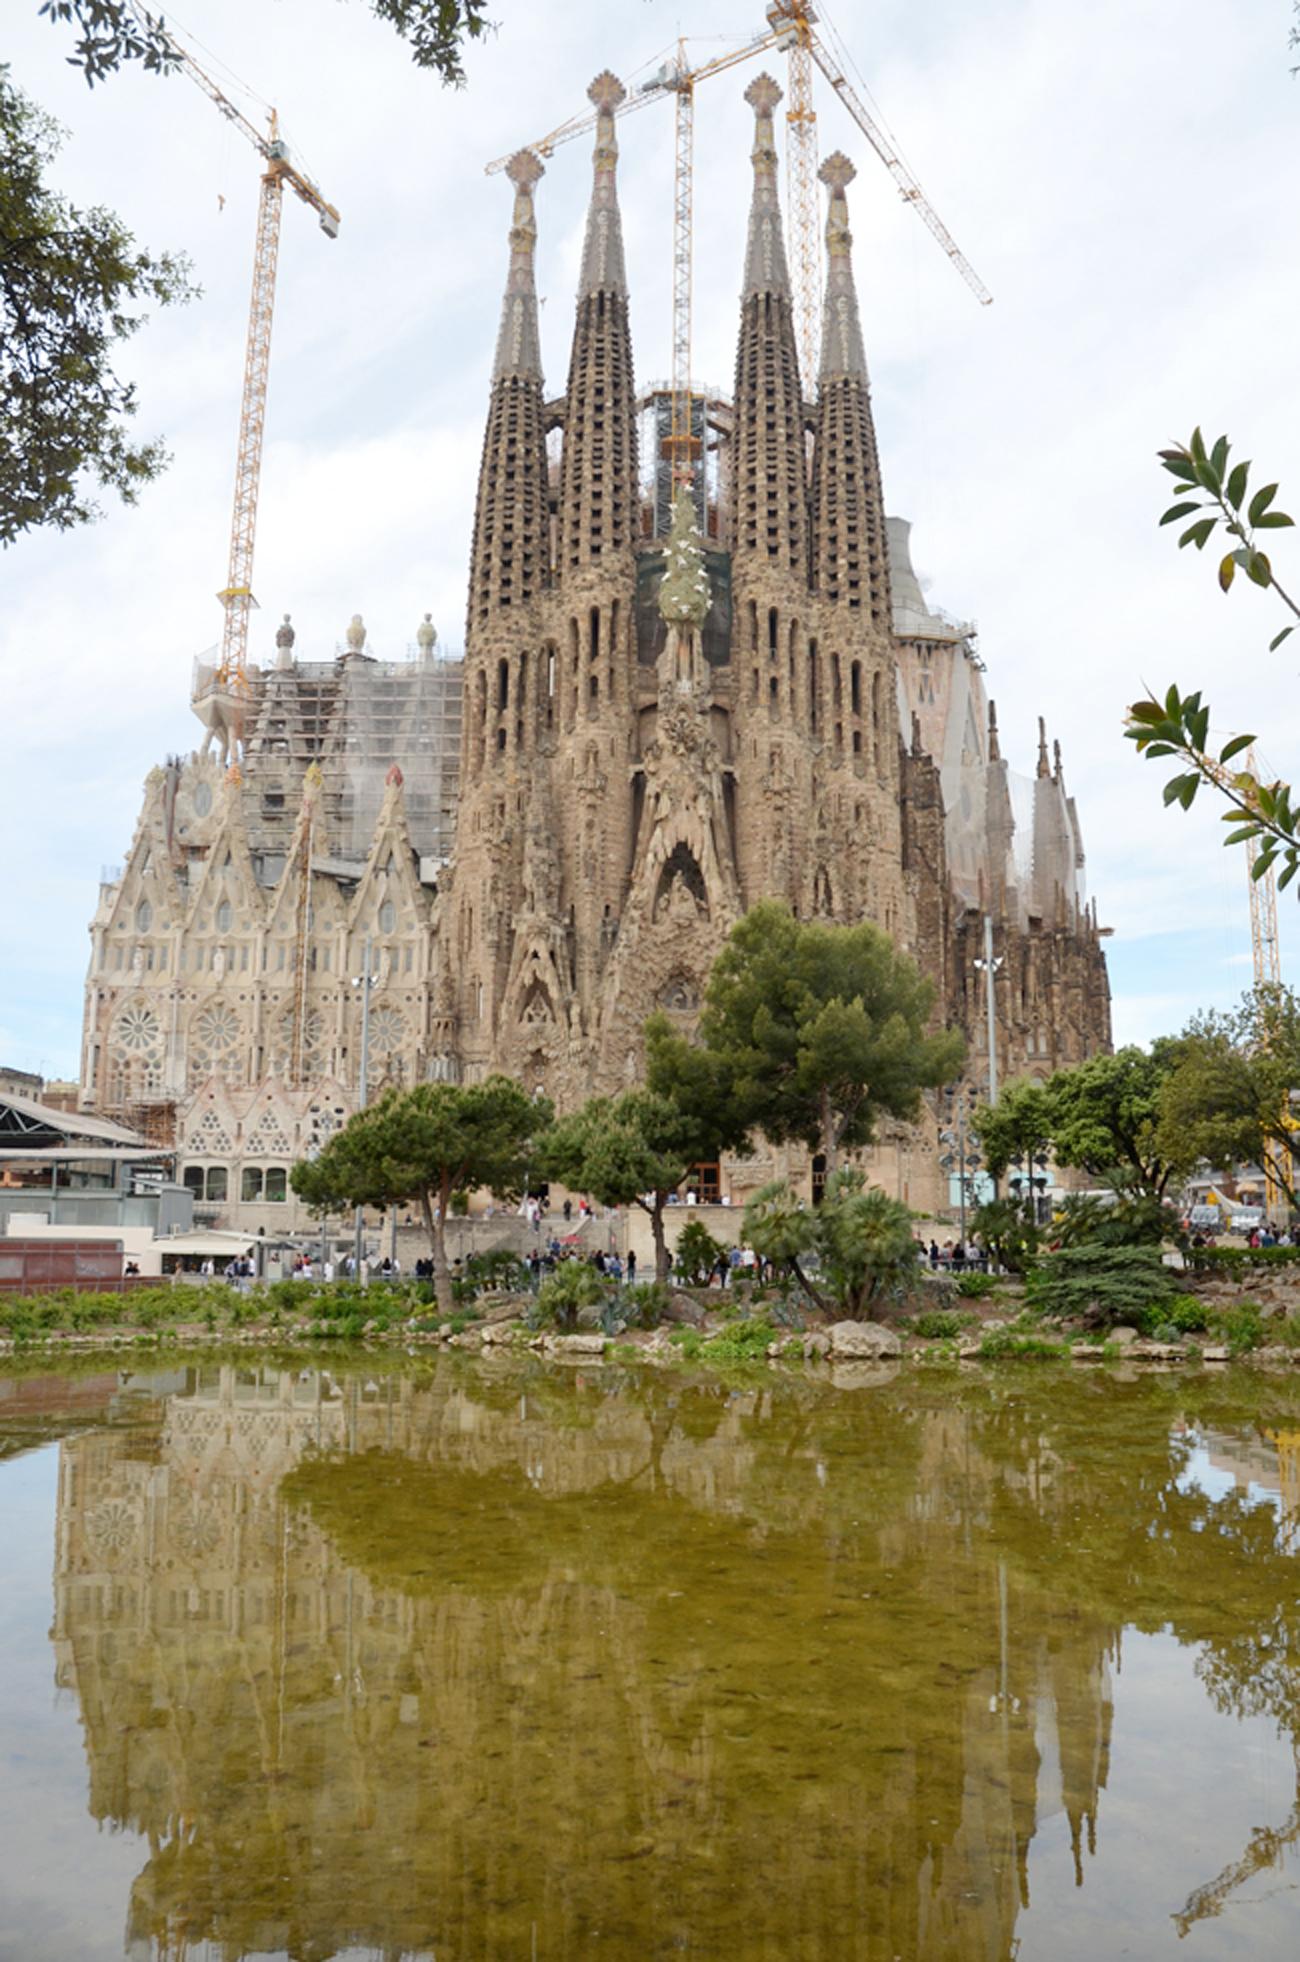 'Người điên' Antoni Gaudi và nhà thờ Sagrada Familia nổi tiếng - 3